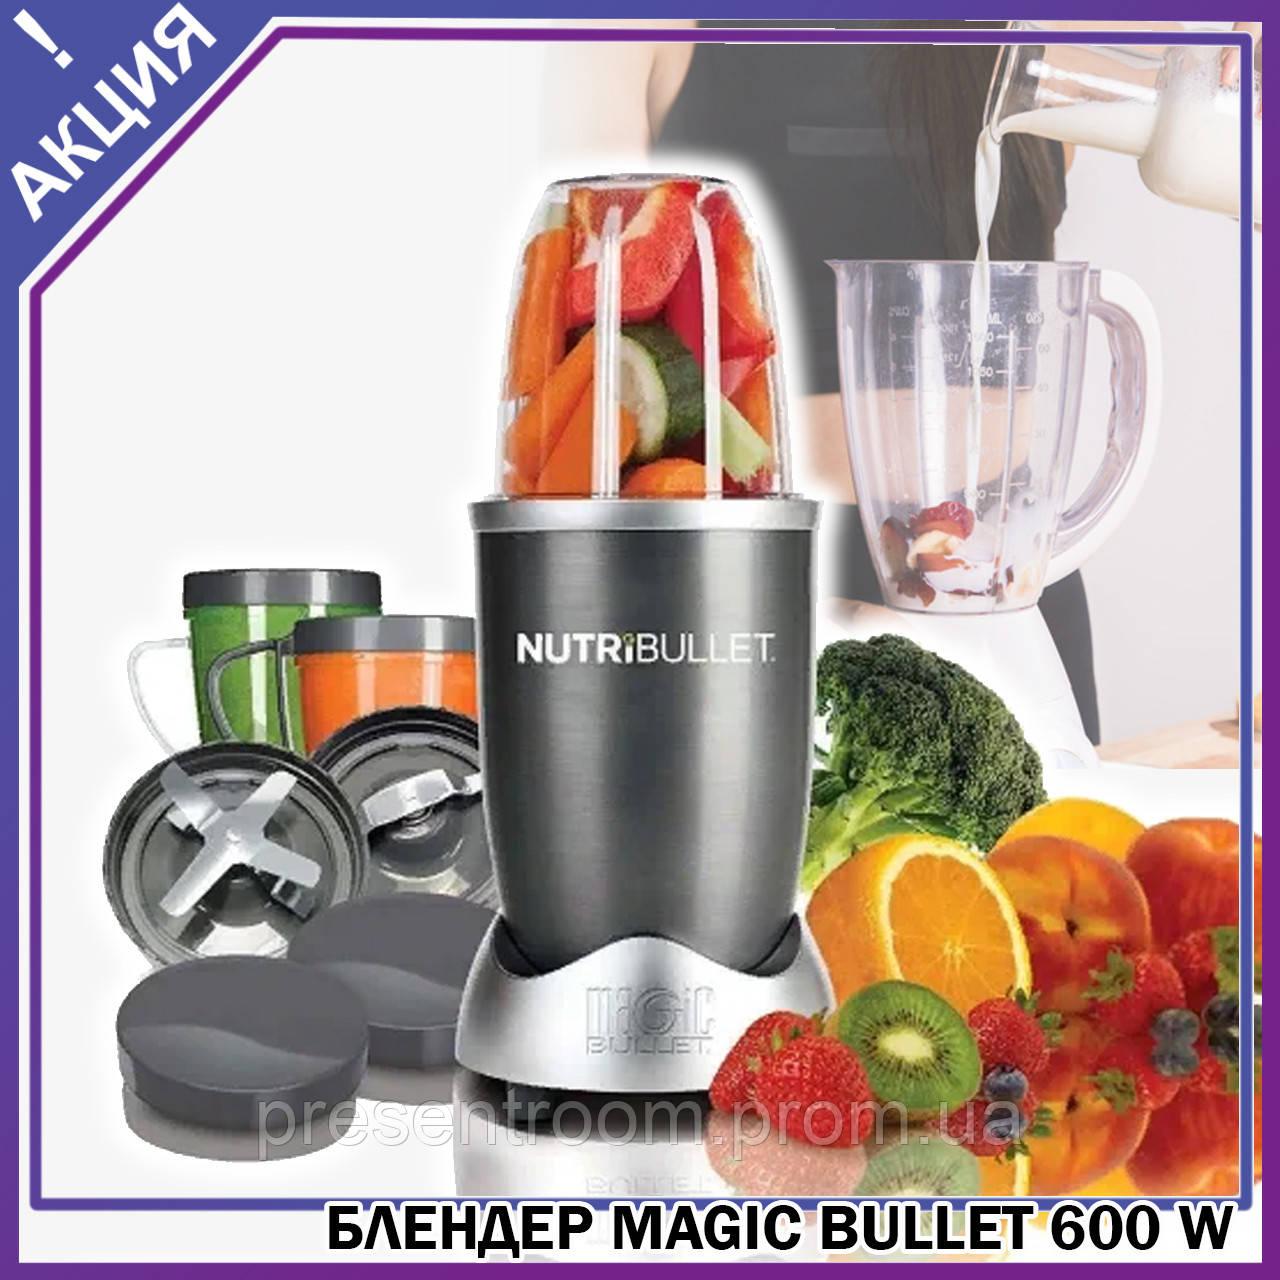 Блендер Nutribullet / Magic Bullet 600 W - Пищевой экстрактор / комбайн / Измельчитель, Нутрибулет реплика